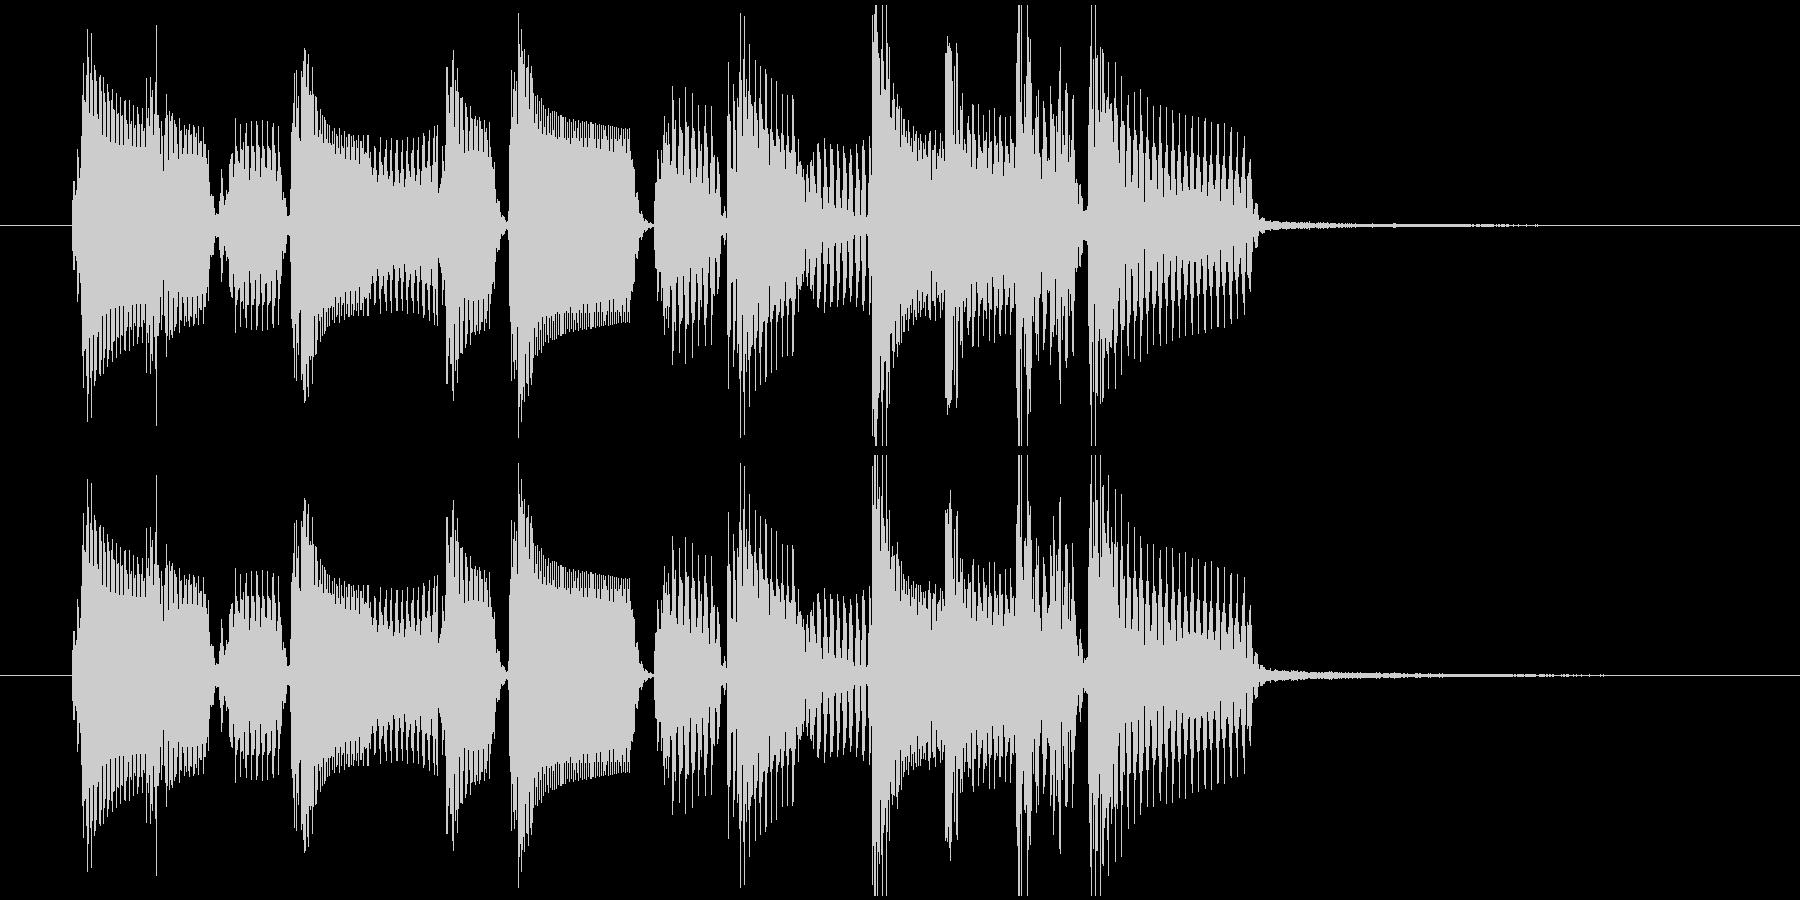 ロックベースとドラムのワイルドなジングルの未再生の波形